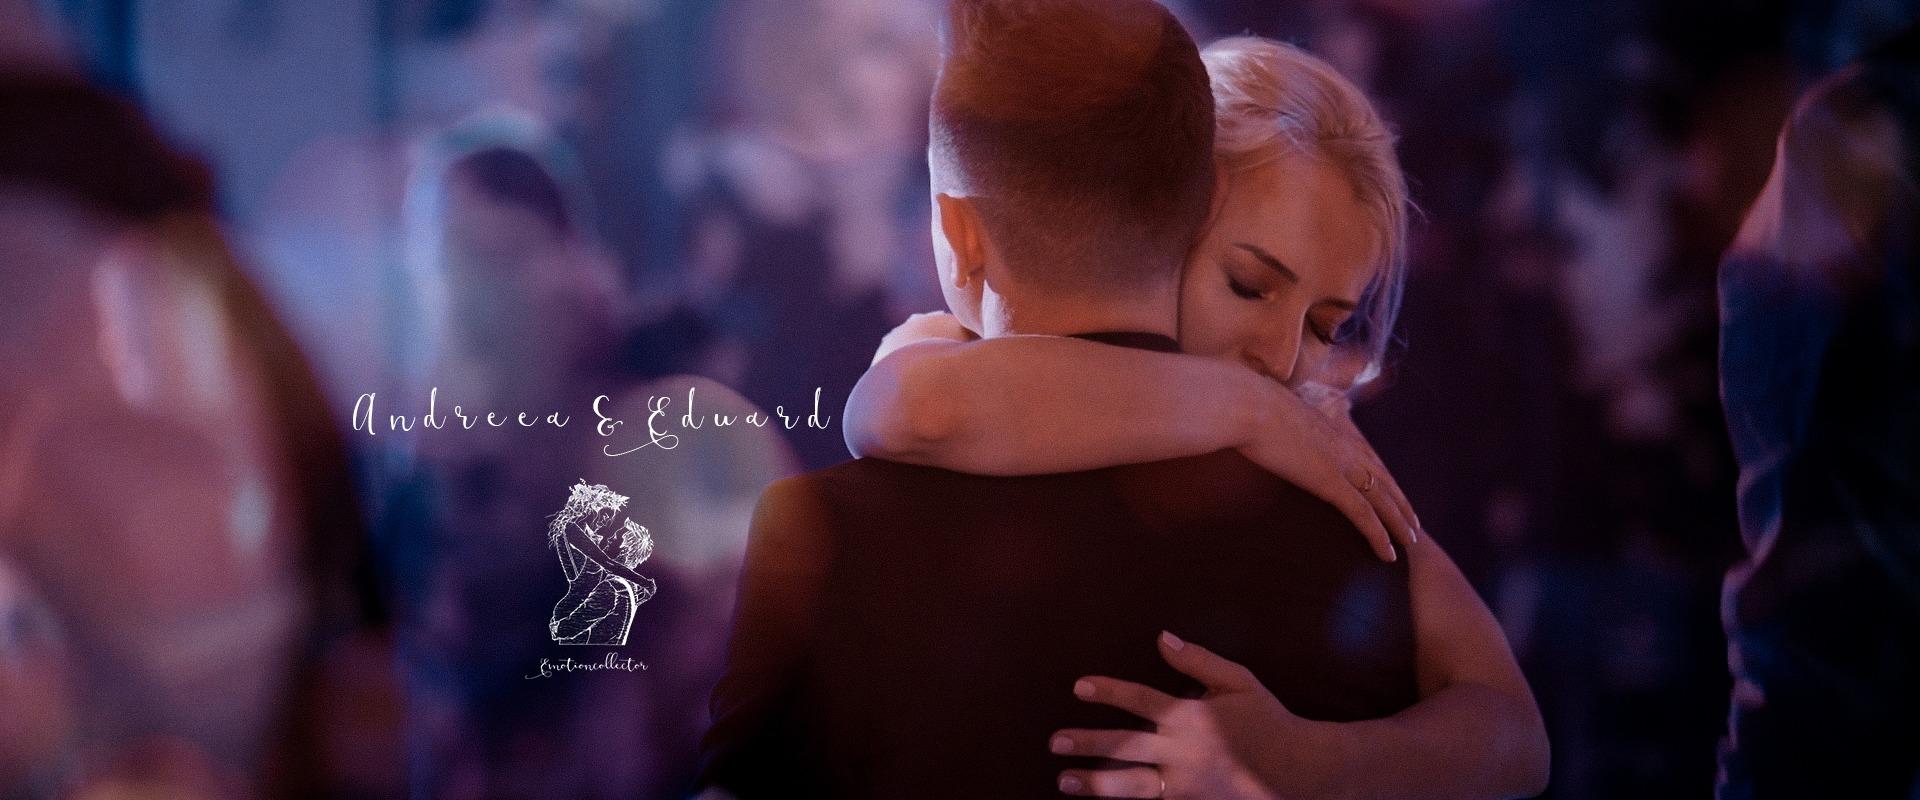 Andreea & Eduard